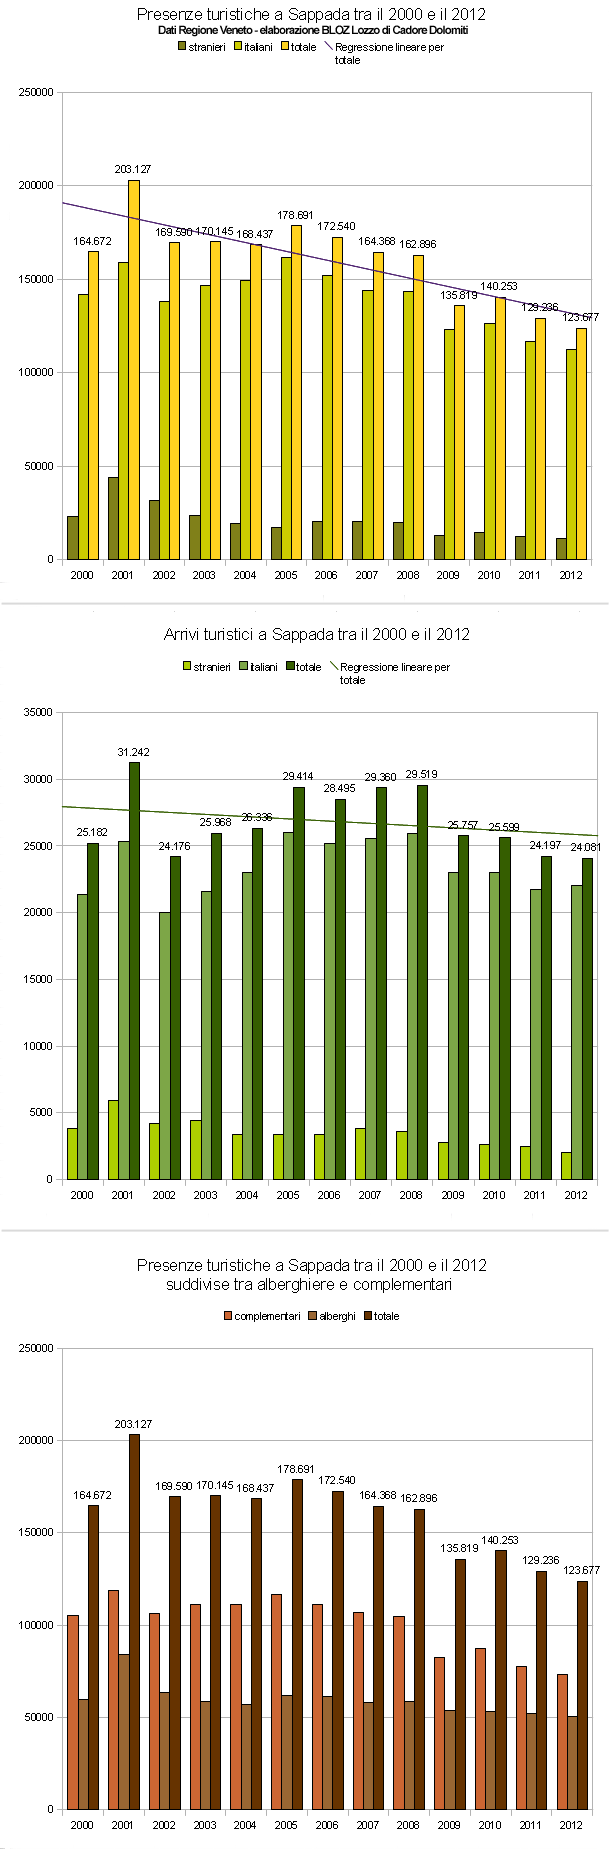 Andamento presenze e arrivi a Sappada tra il 2000 e il 2012